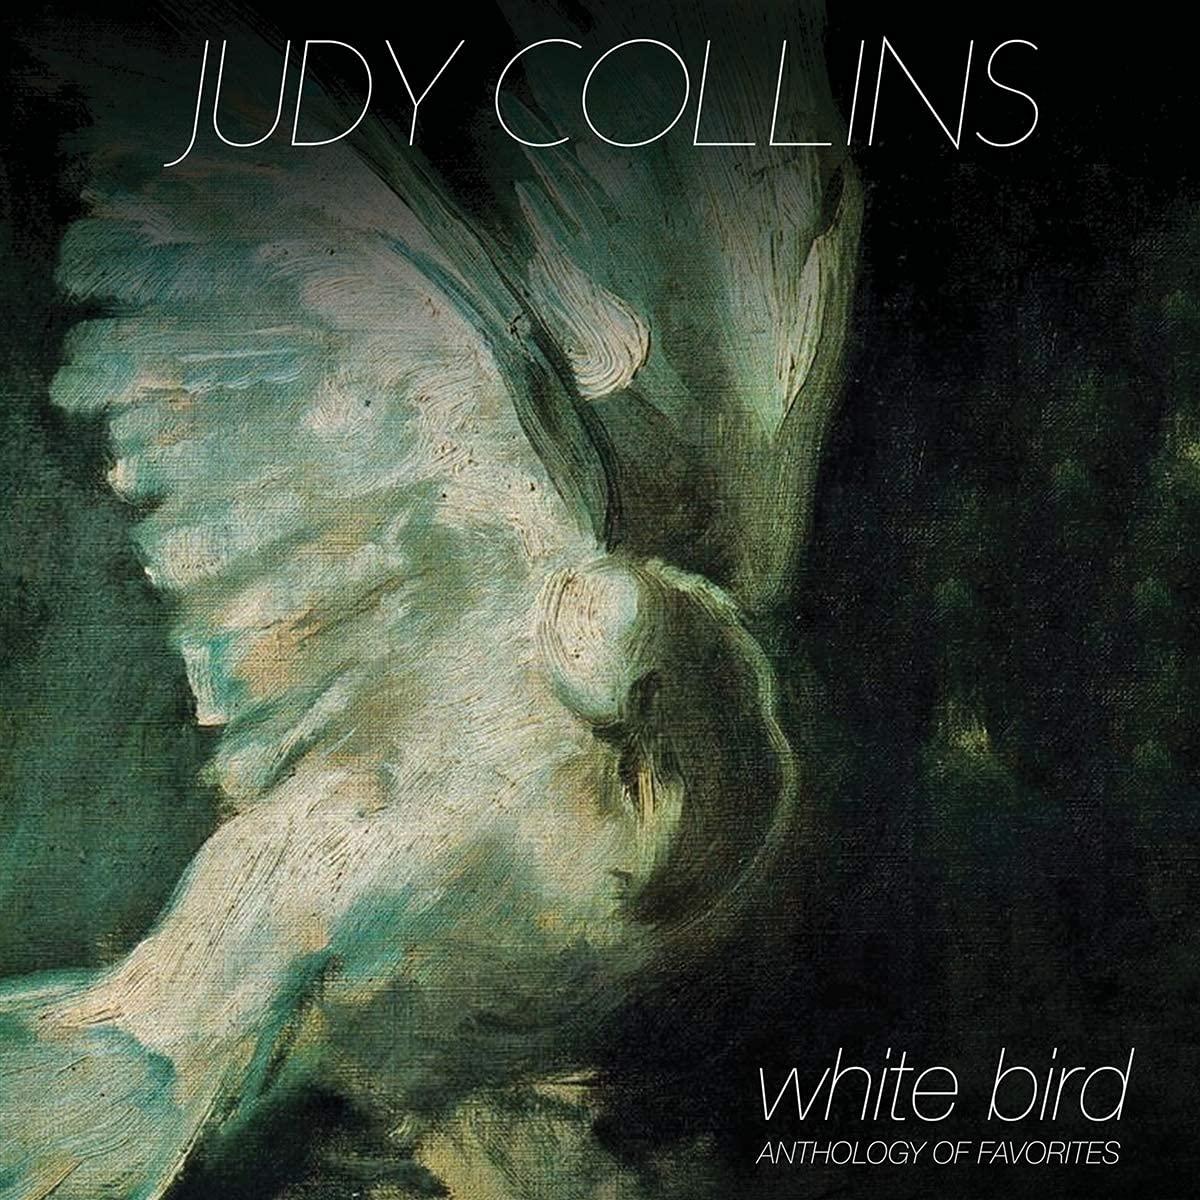 Judy Collins - White Bird: Anthology Of Favorites [LP]